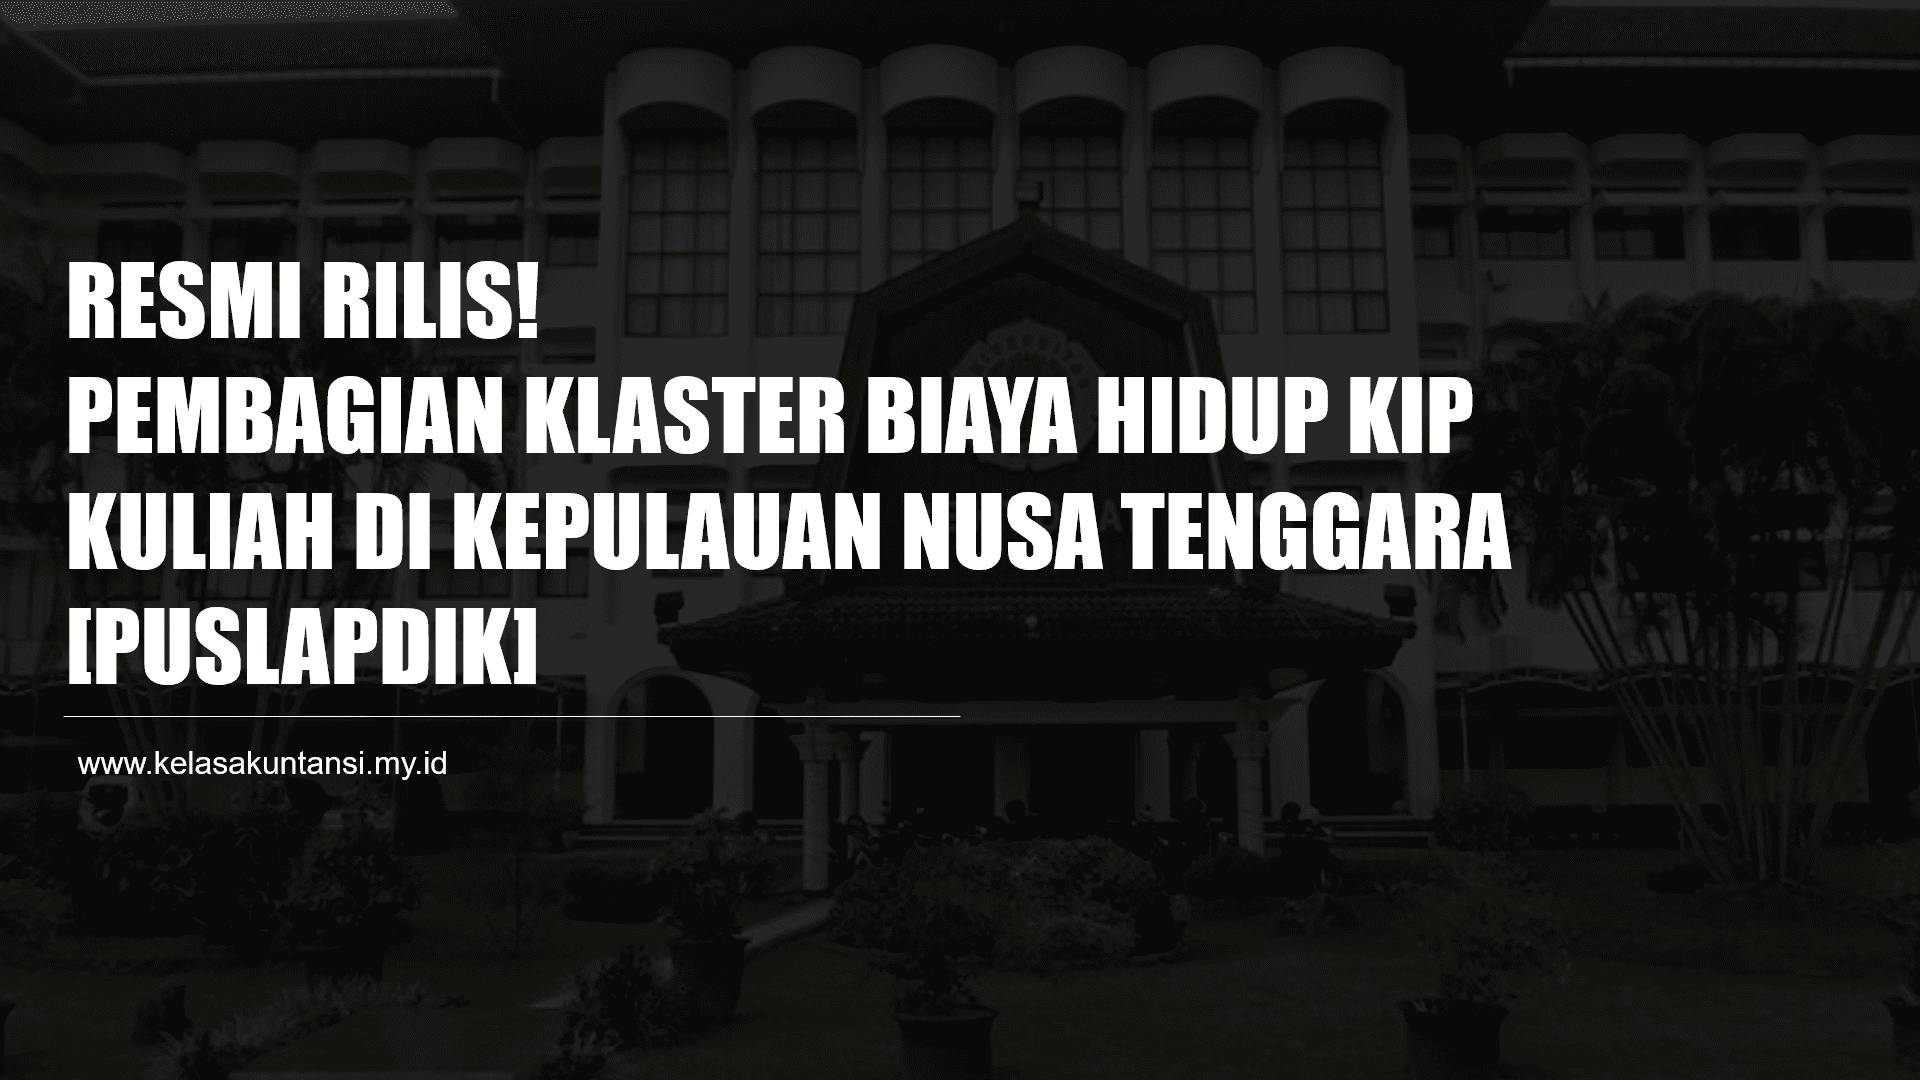 Pembagian Klaster Biaya Hidup KIP Kuliah 2021 di Kepulauan Nusa Tenggara [Puslapdik]`